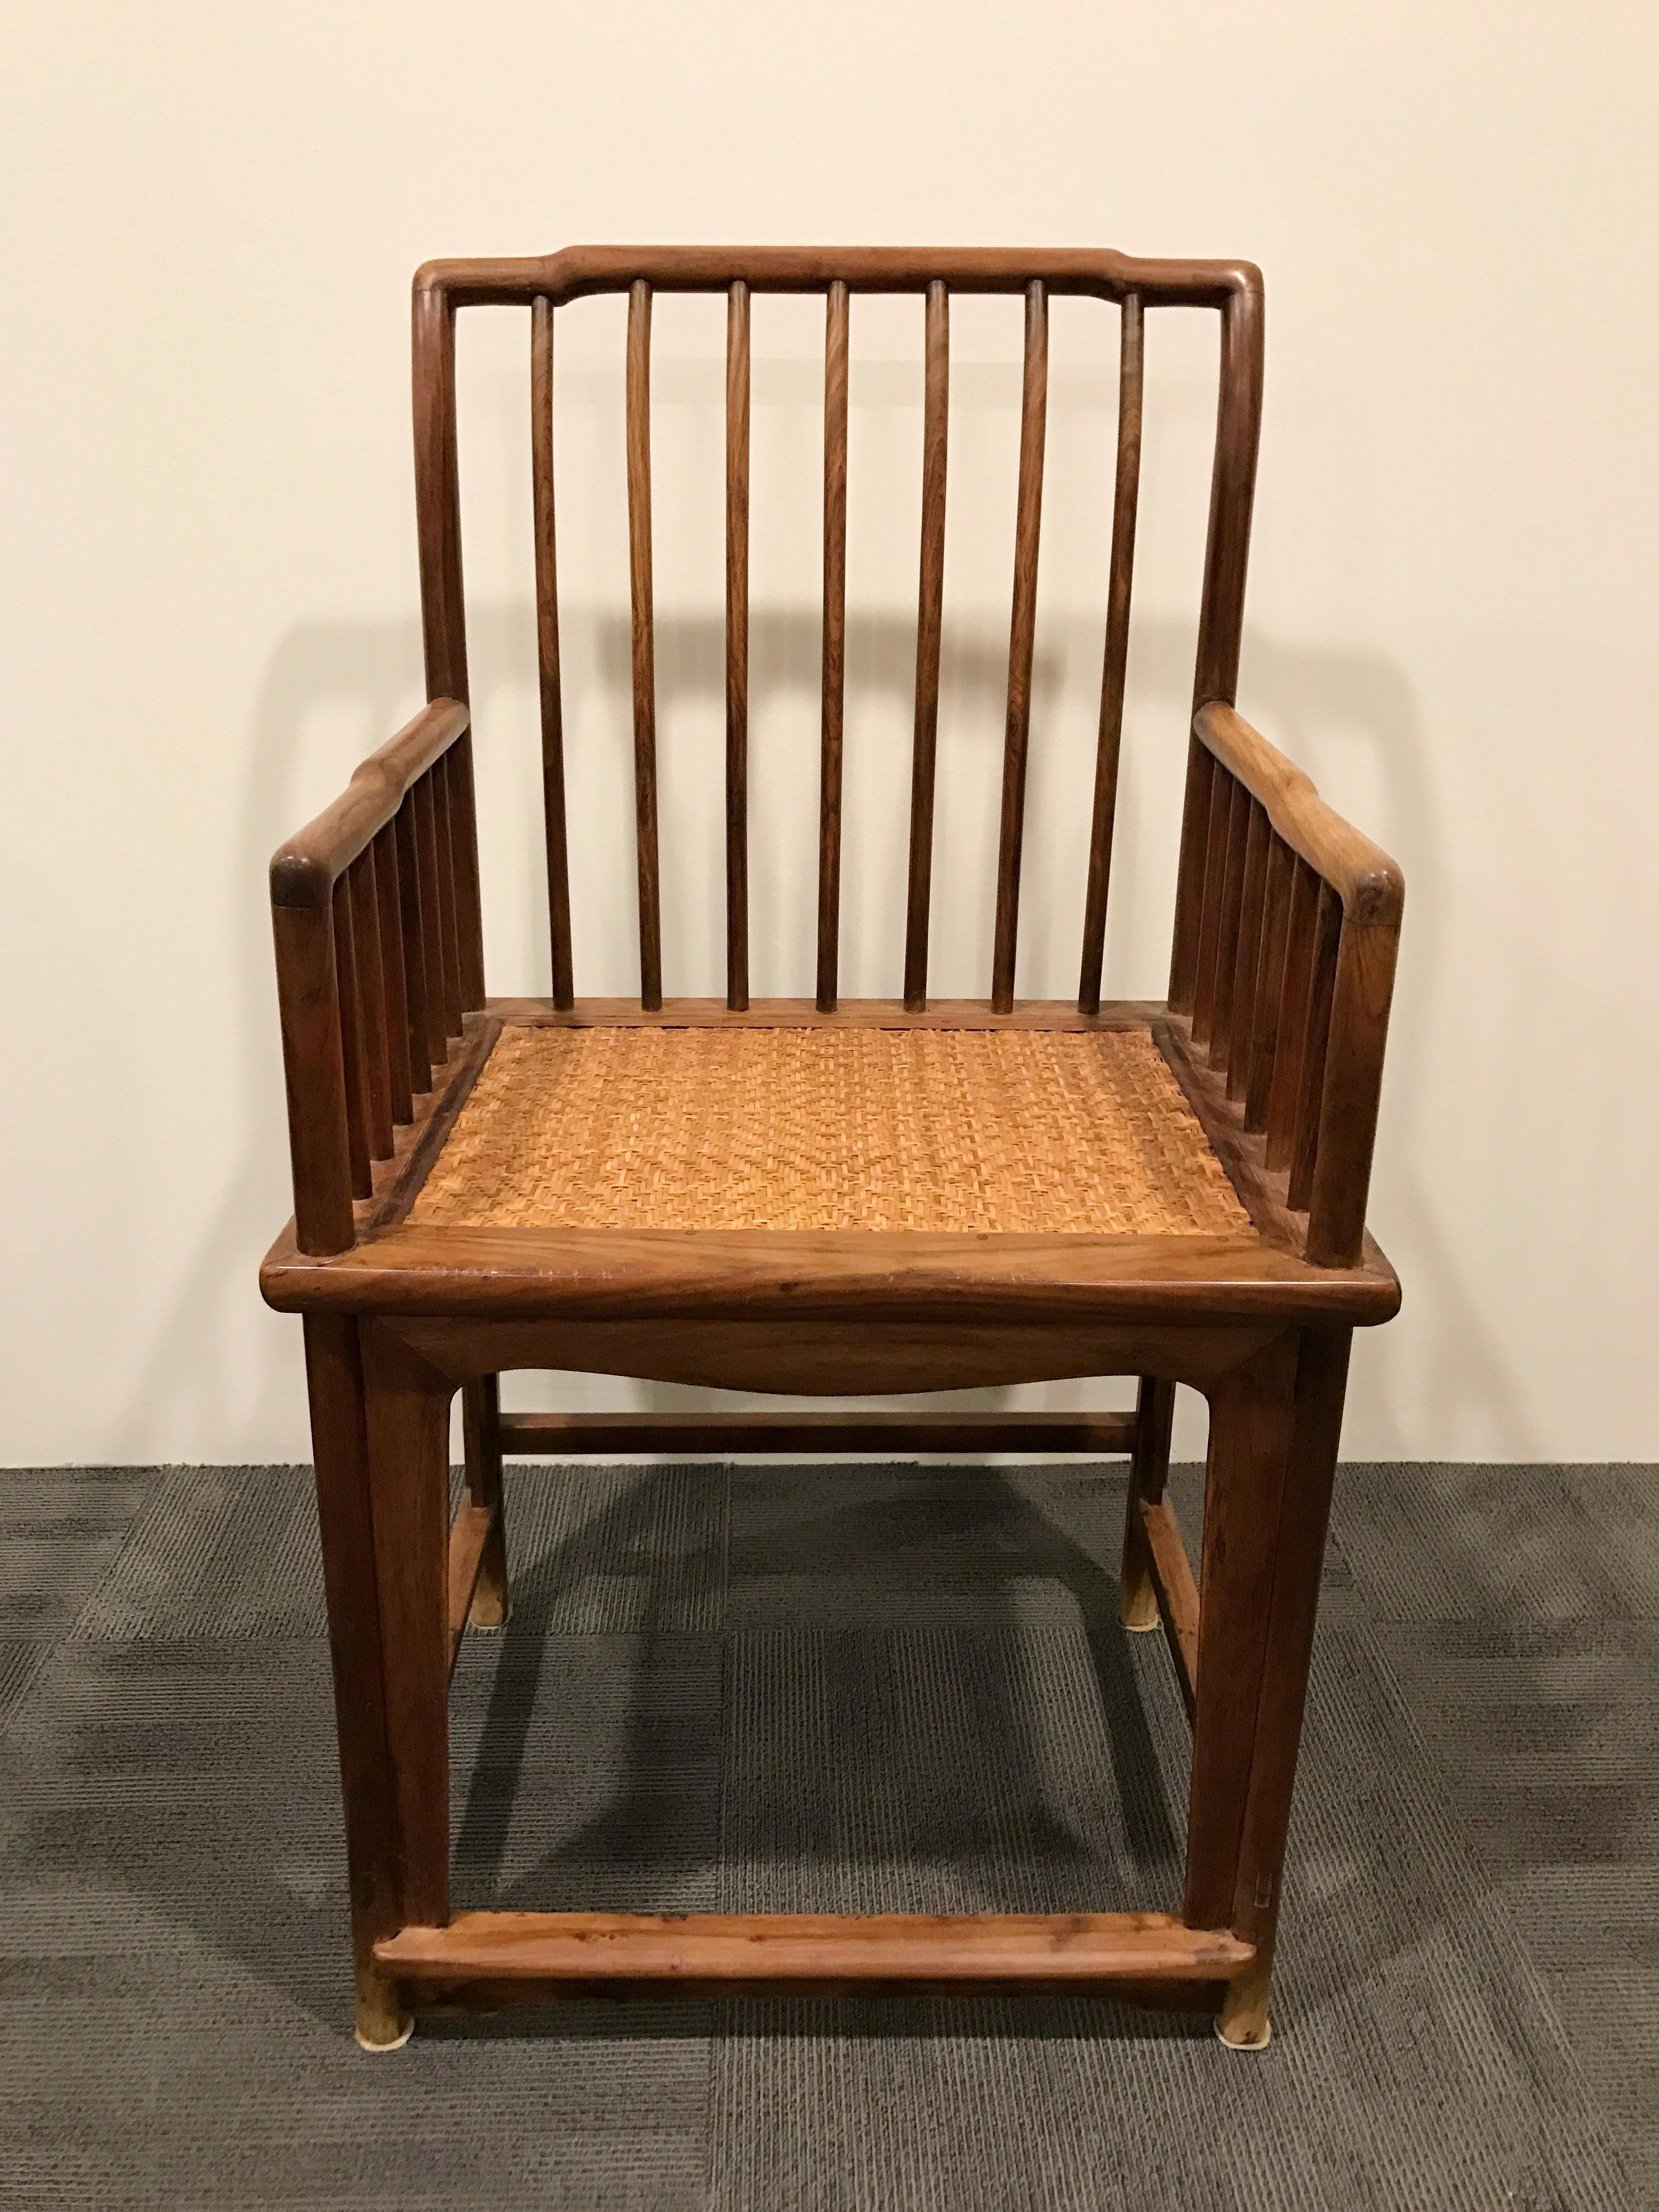 明代玫瑰椅(梳子椅)